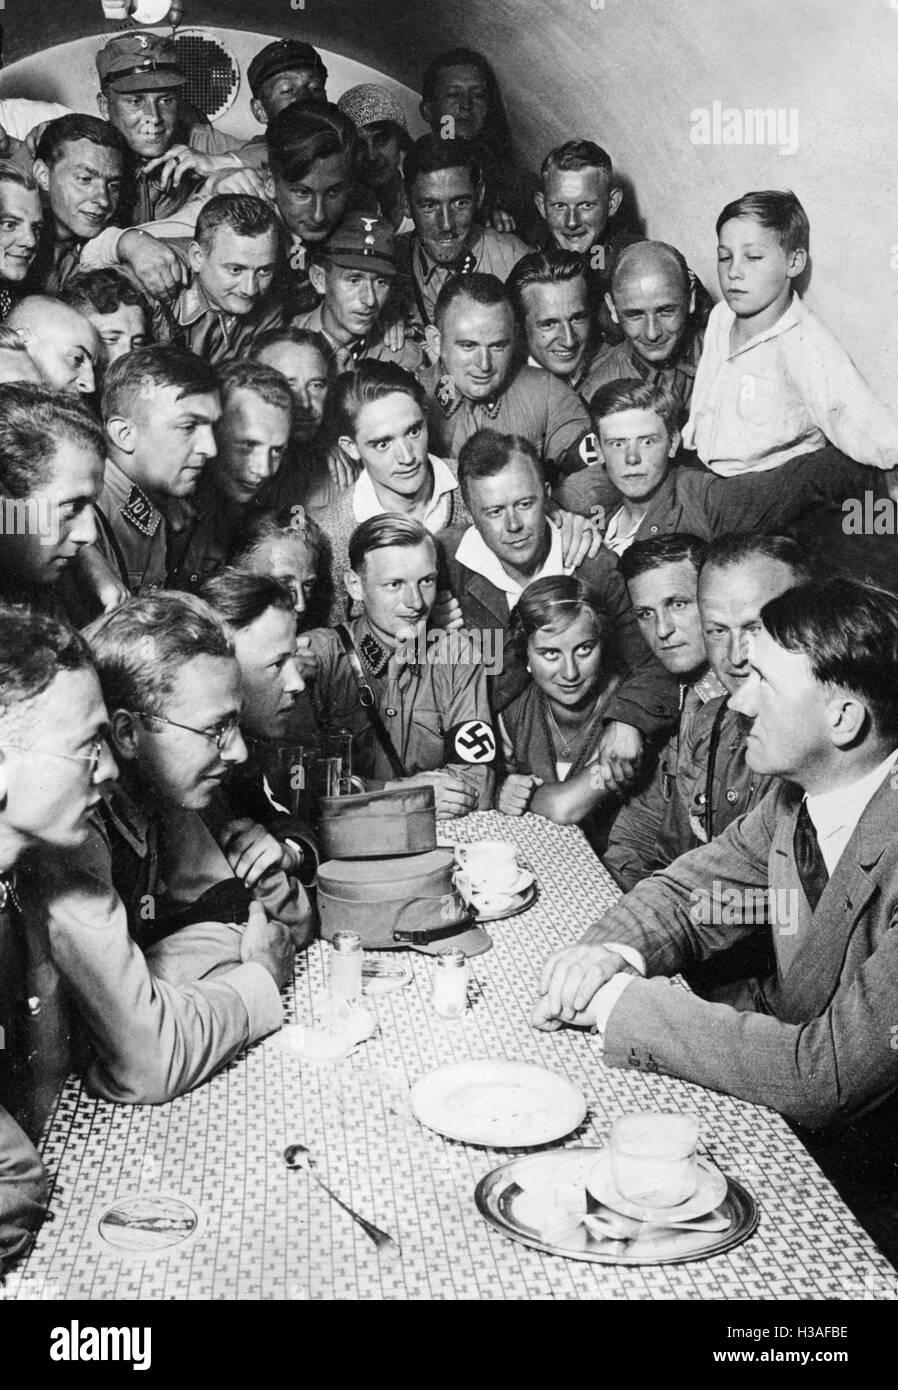 Adolf Hitler and the SA, 1934 - Stock Image